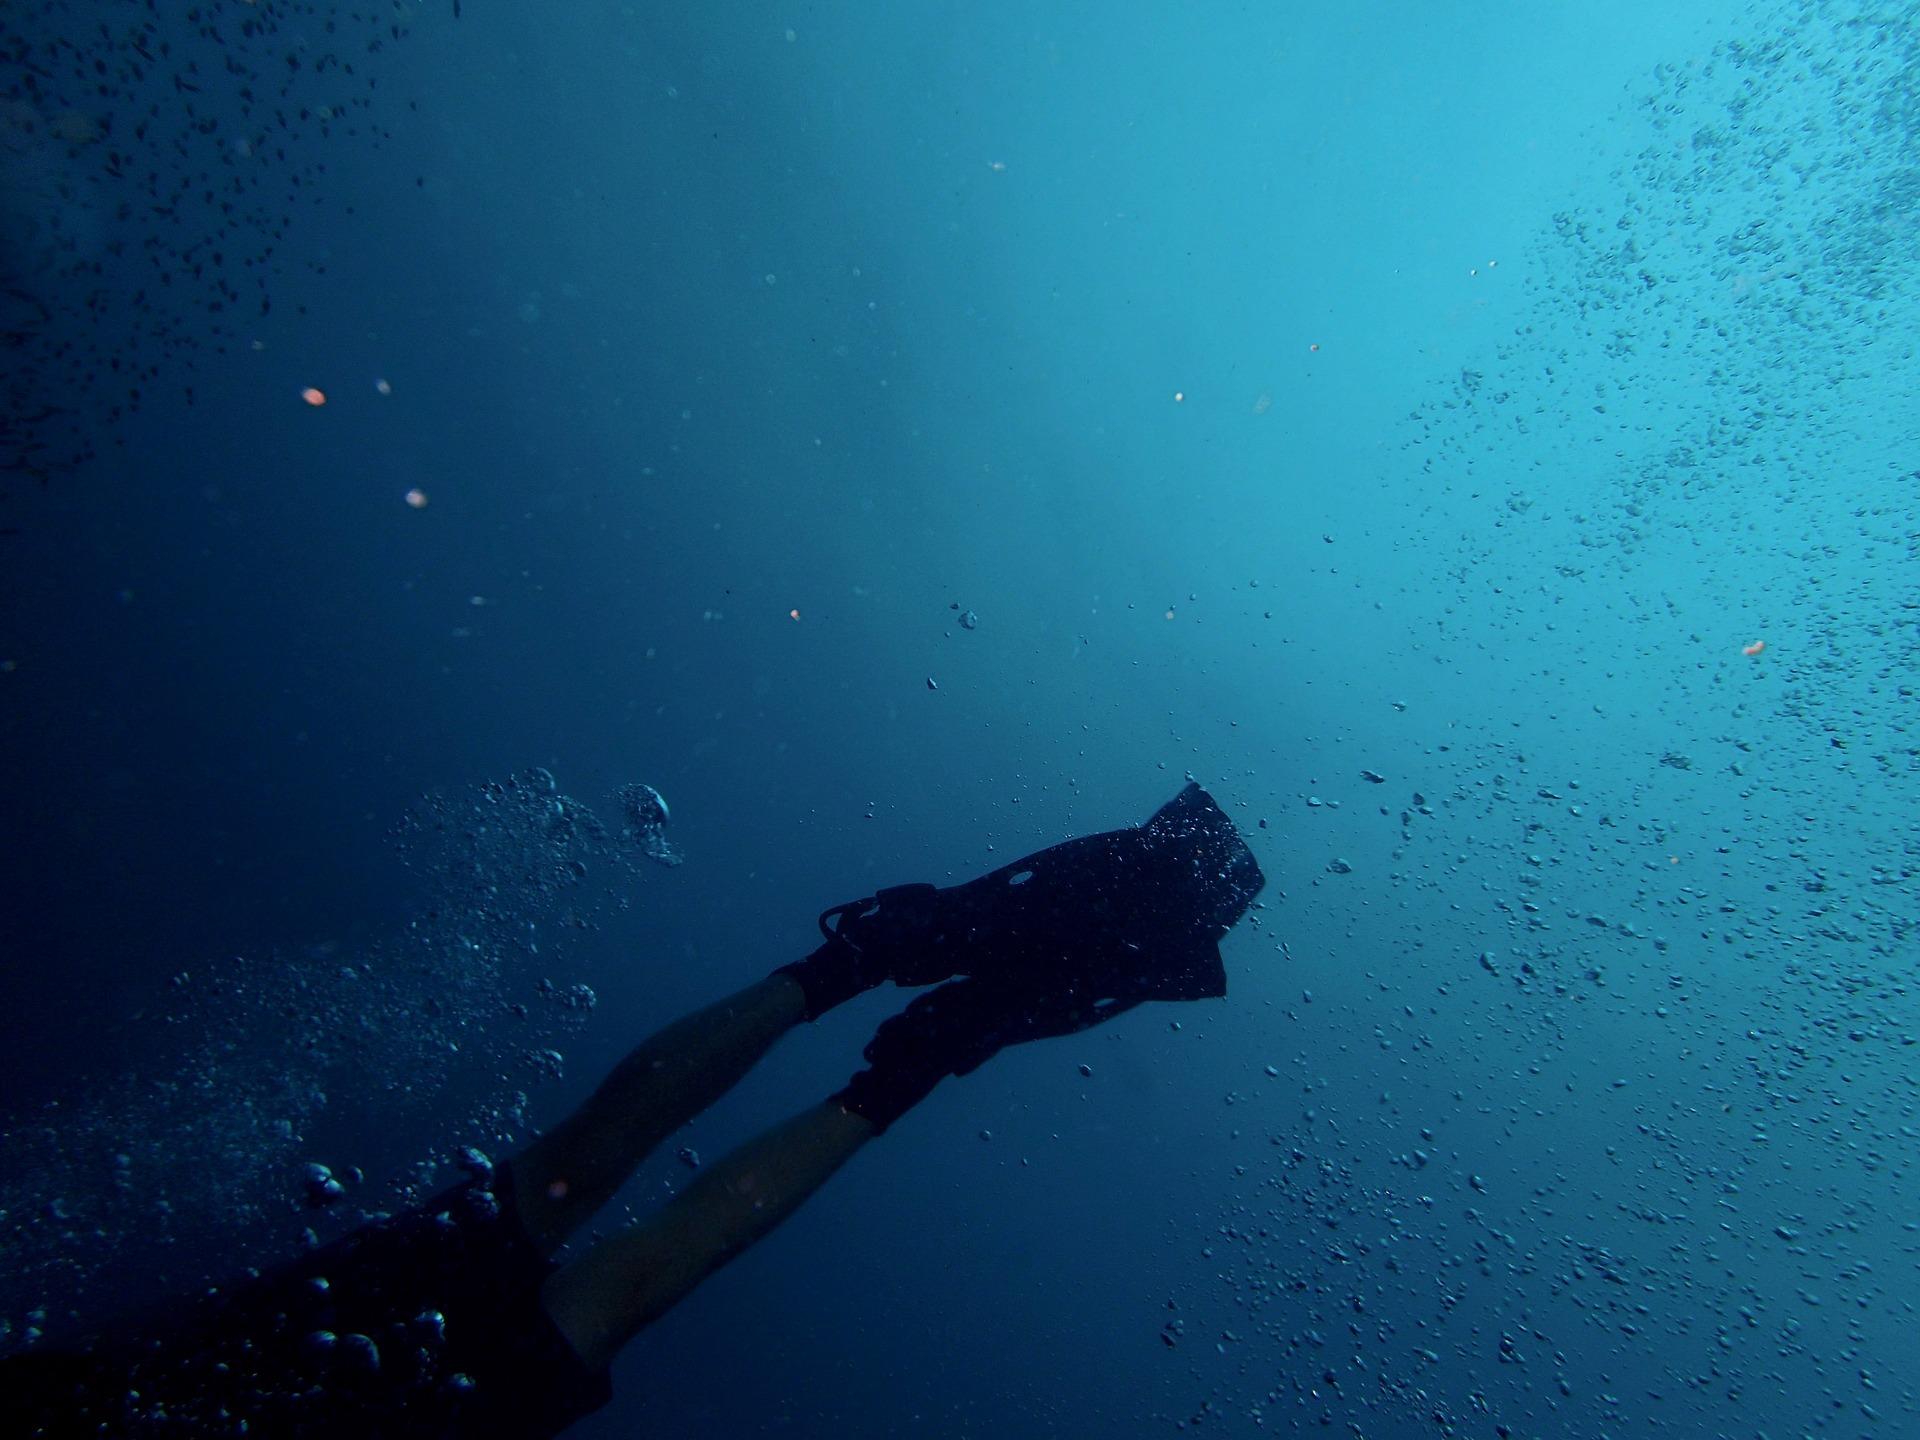 一押しダイブスポット、キーラーゴ島沖珊瑚礁でファンダイビング (ライセンス保持者限定・日本人インストラクター付)